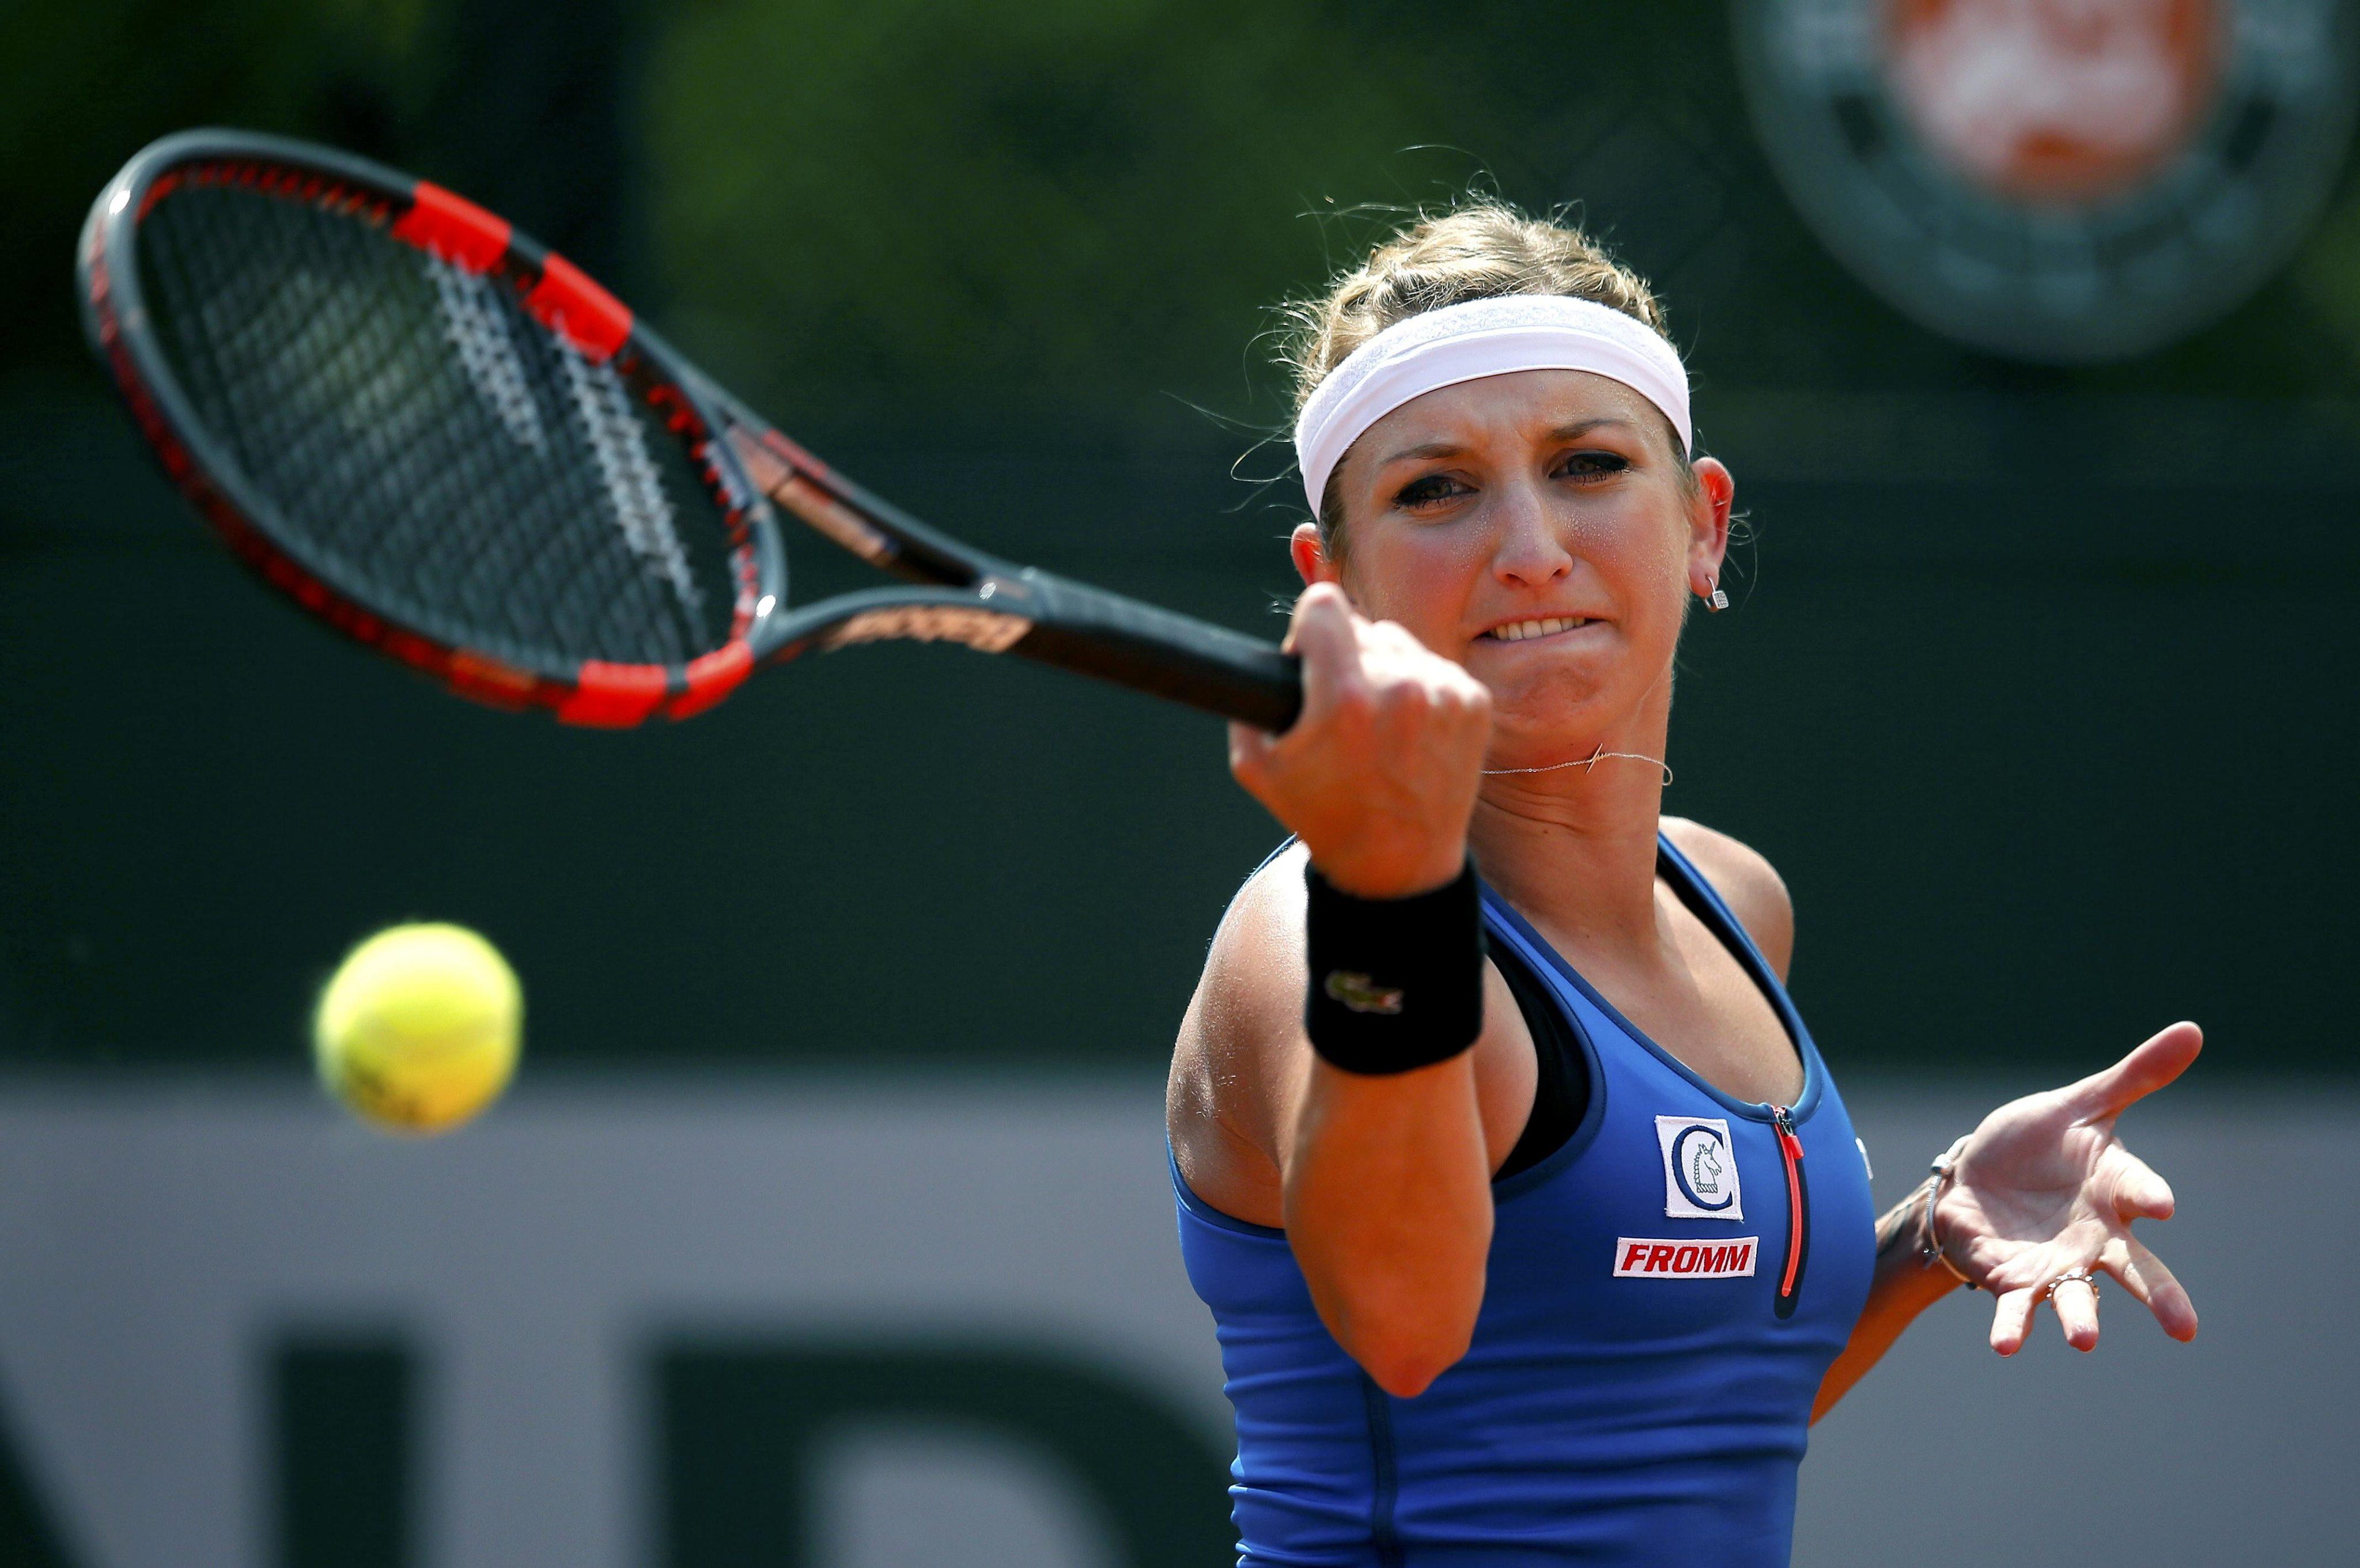 tennis spielerin nackt